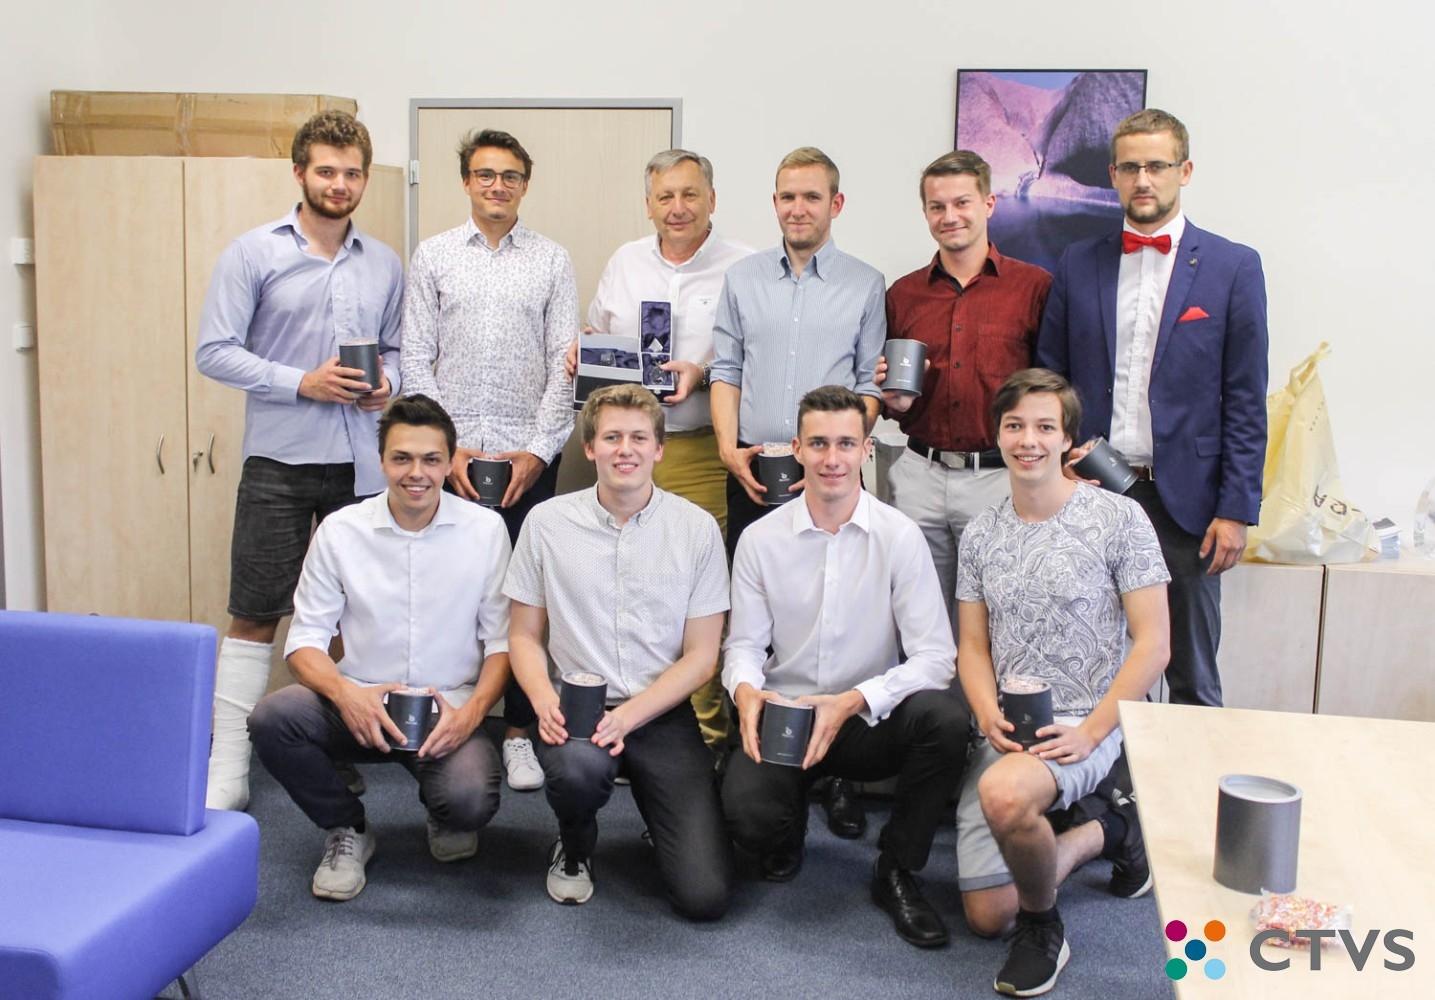 Reprezentační tým mužů FPH je vítězem 7. ročníku Volejbalové ligy VŠE